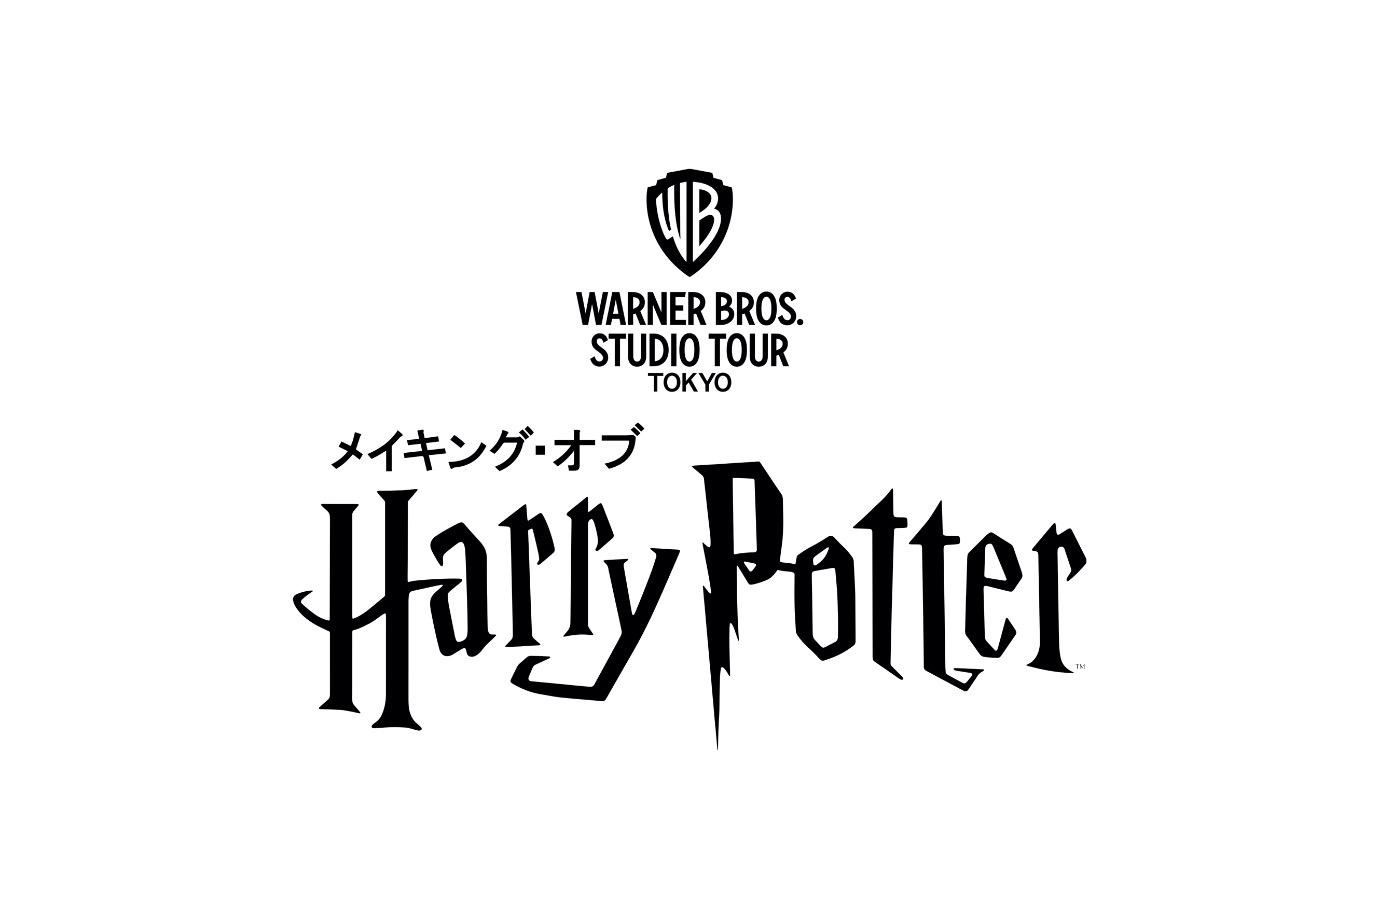 ワーナー ブラザース スタジオツアー東京 ‐メイキング・オブ ハリー・ポッター